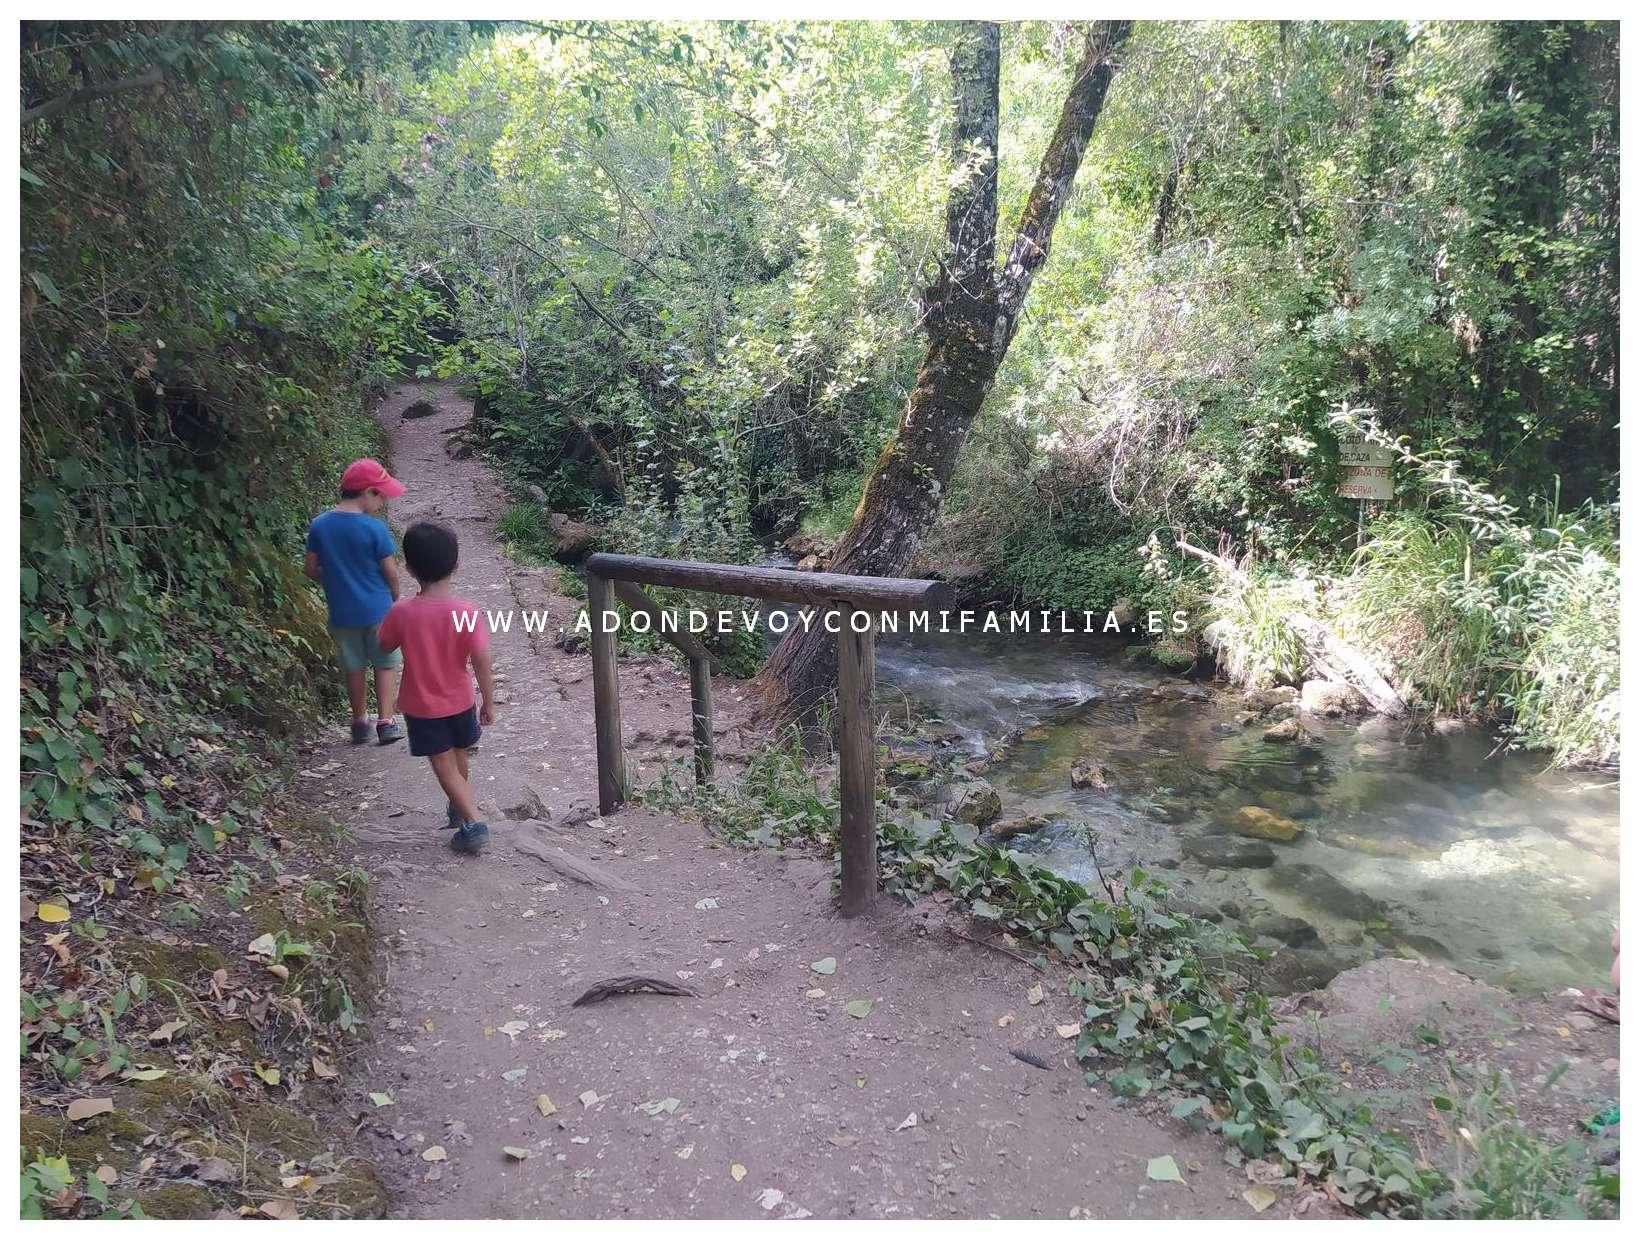 sendero rio majaceite adondevoyconmifamilia 04